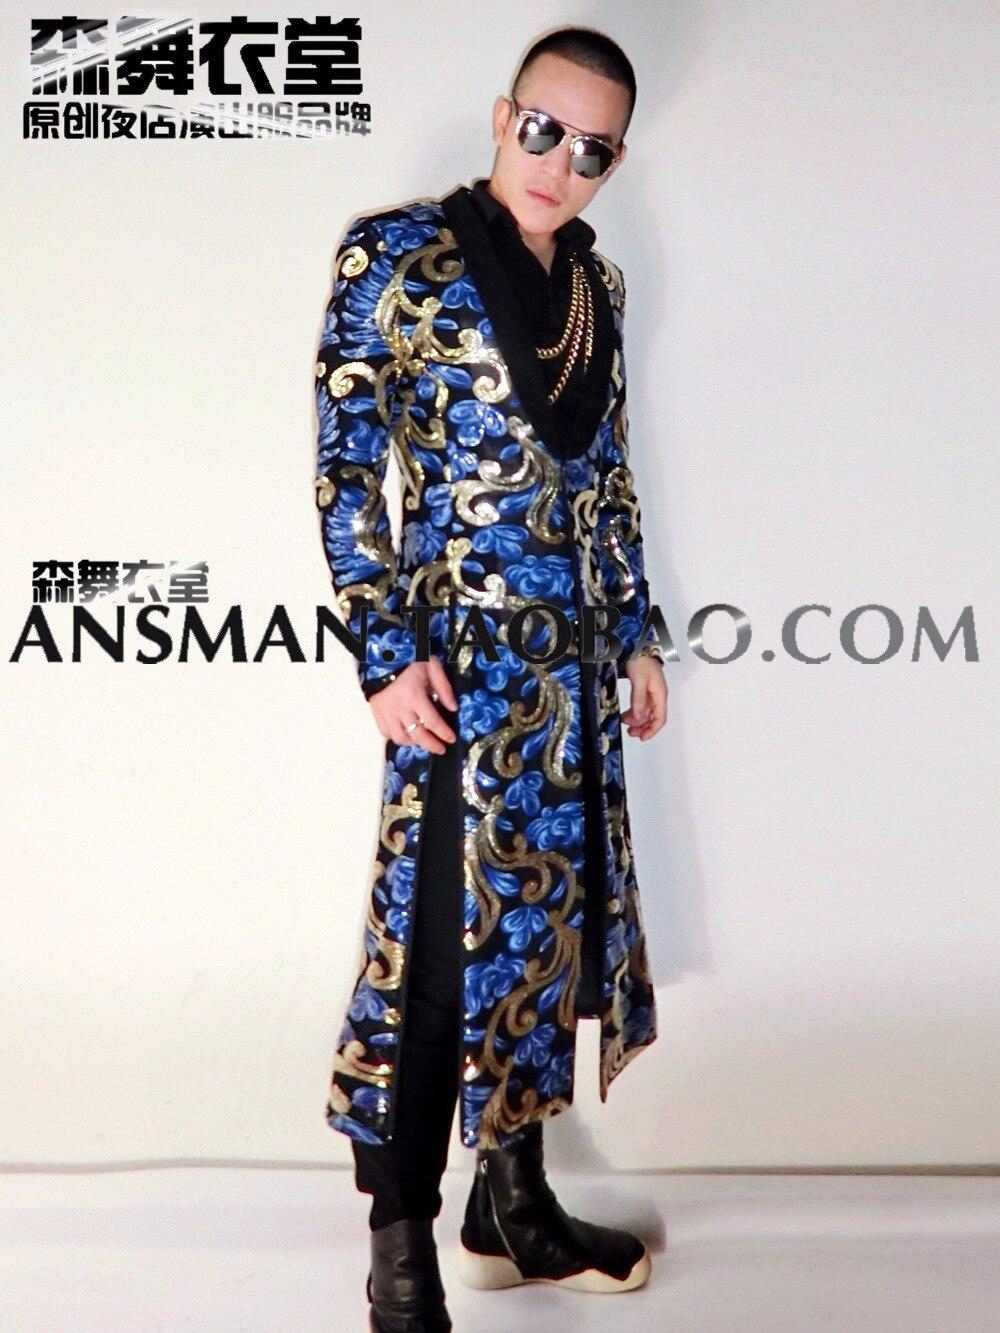 Mode Picture Totem La S Broderie Le As Manteau Costumes Hommes Longue Nouvelle Plus Chanteur 2018 Taille 5xl Tranchée De Vêtements Fente wRSx4FYq